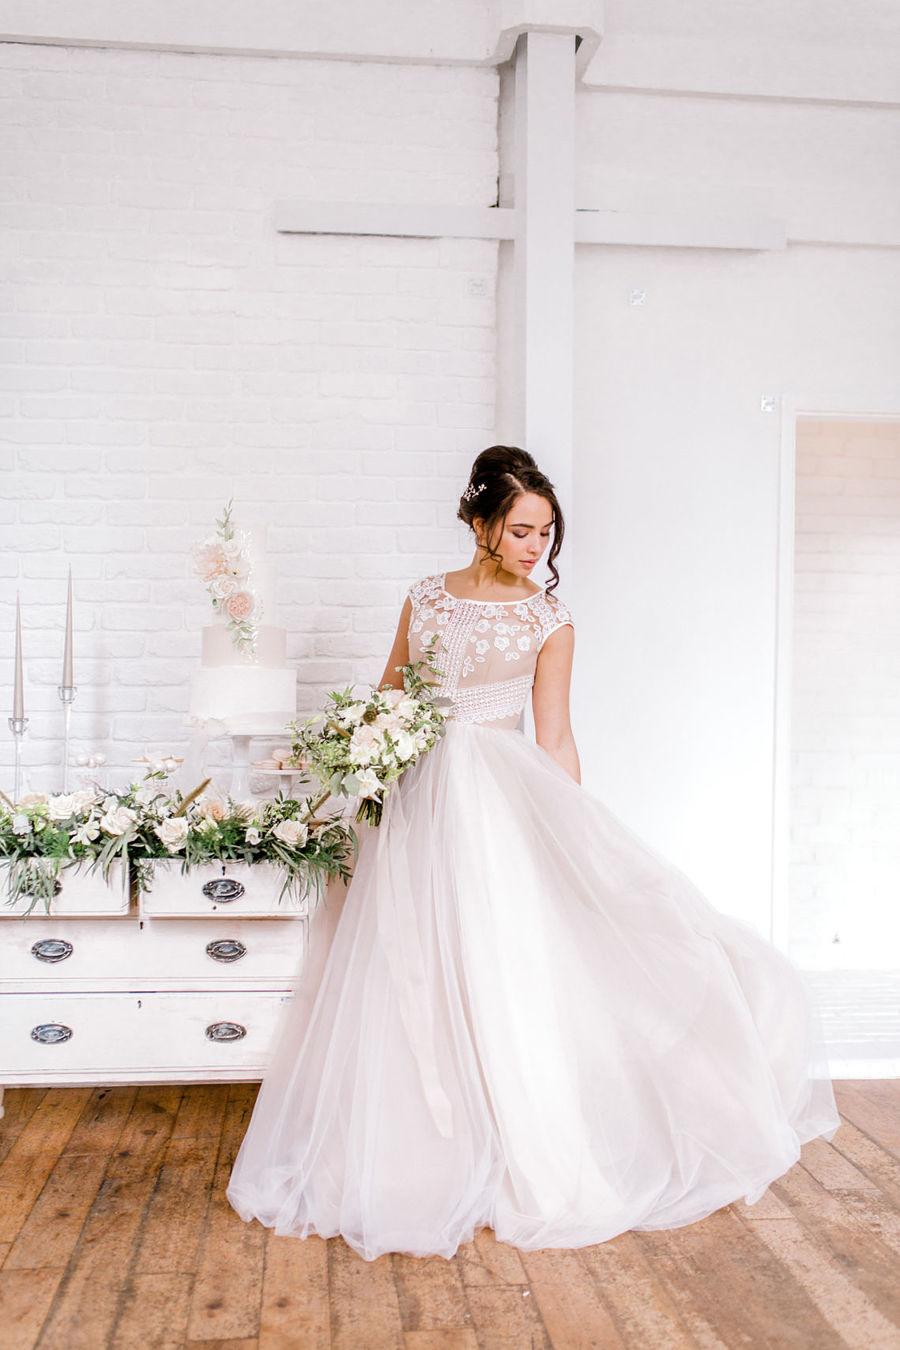 Minimal elegant wedding style ideas by Wildflower Wedding Planner Natasha, images Helene Elliott Photography (9)